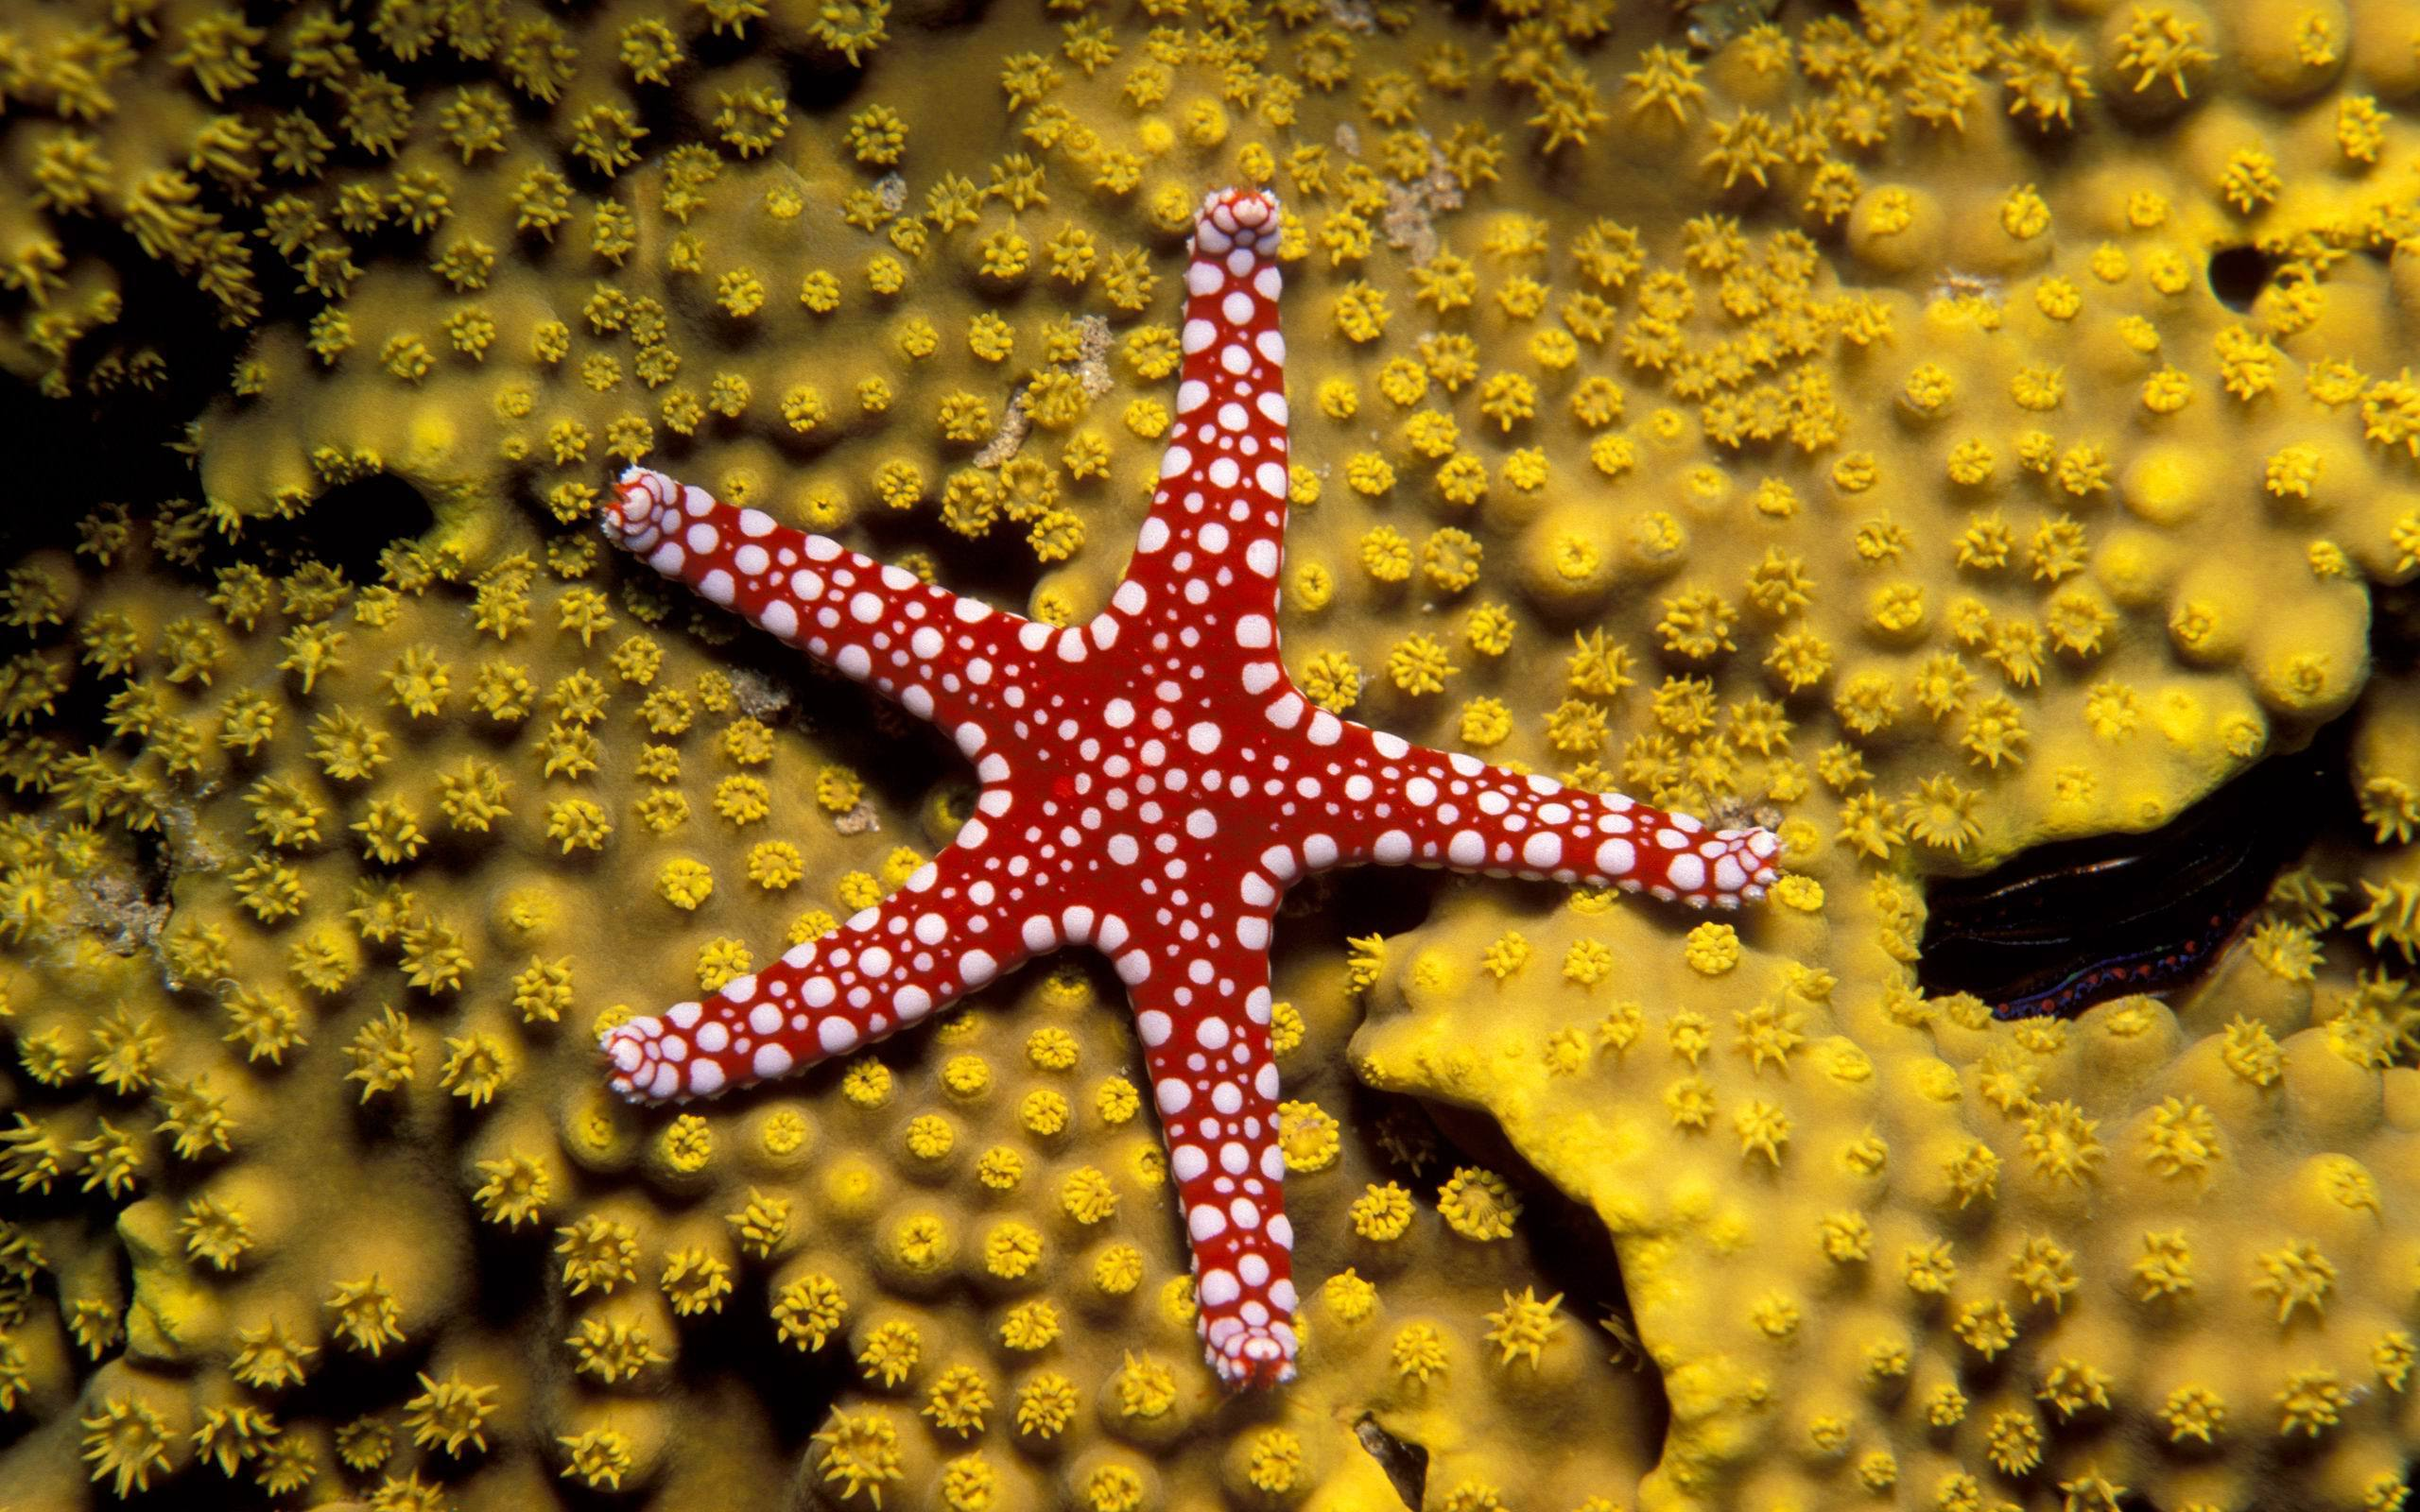 Starfish Computer Wallpaper